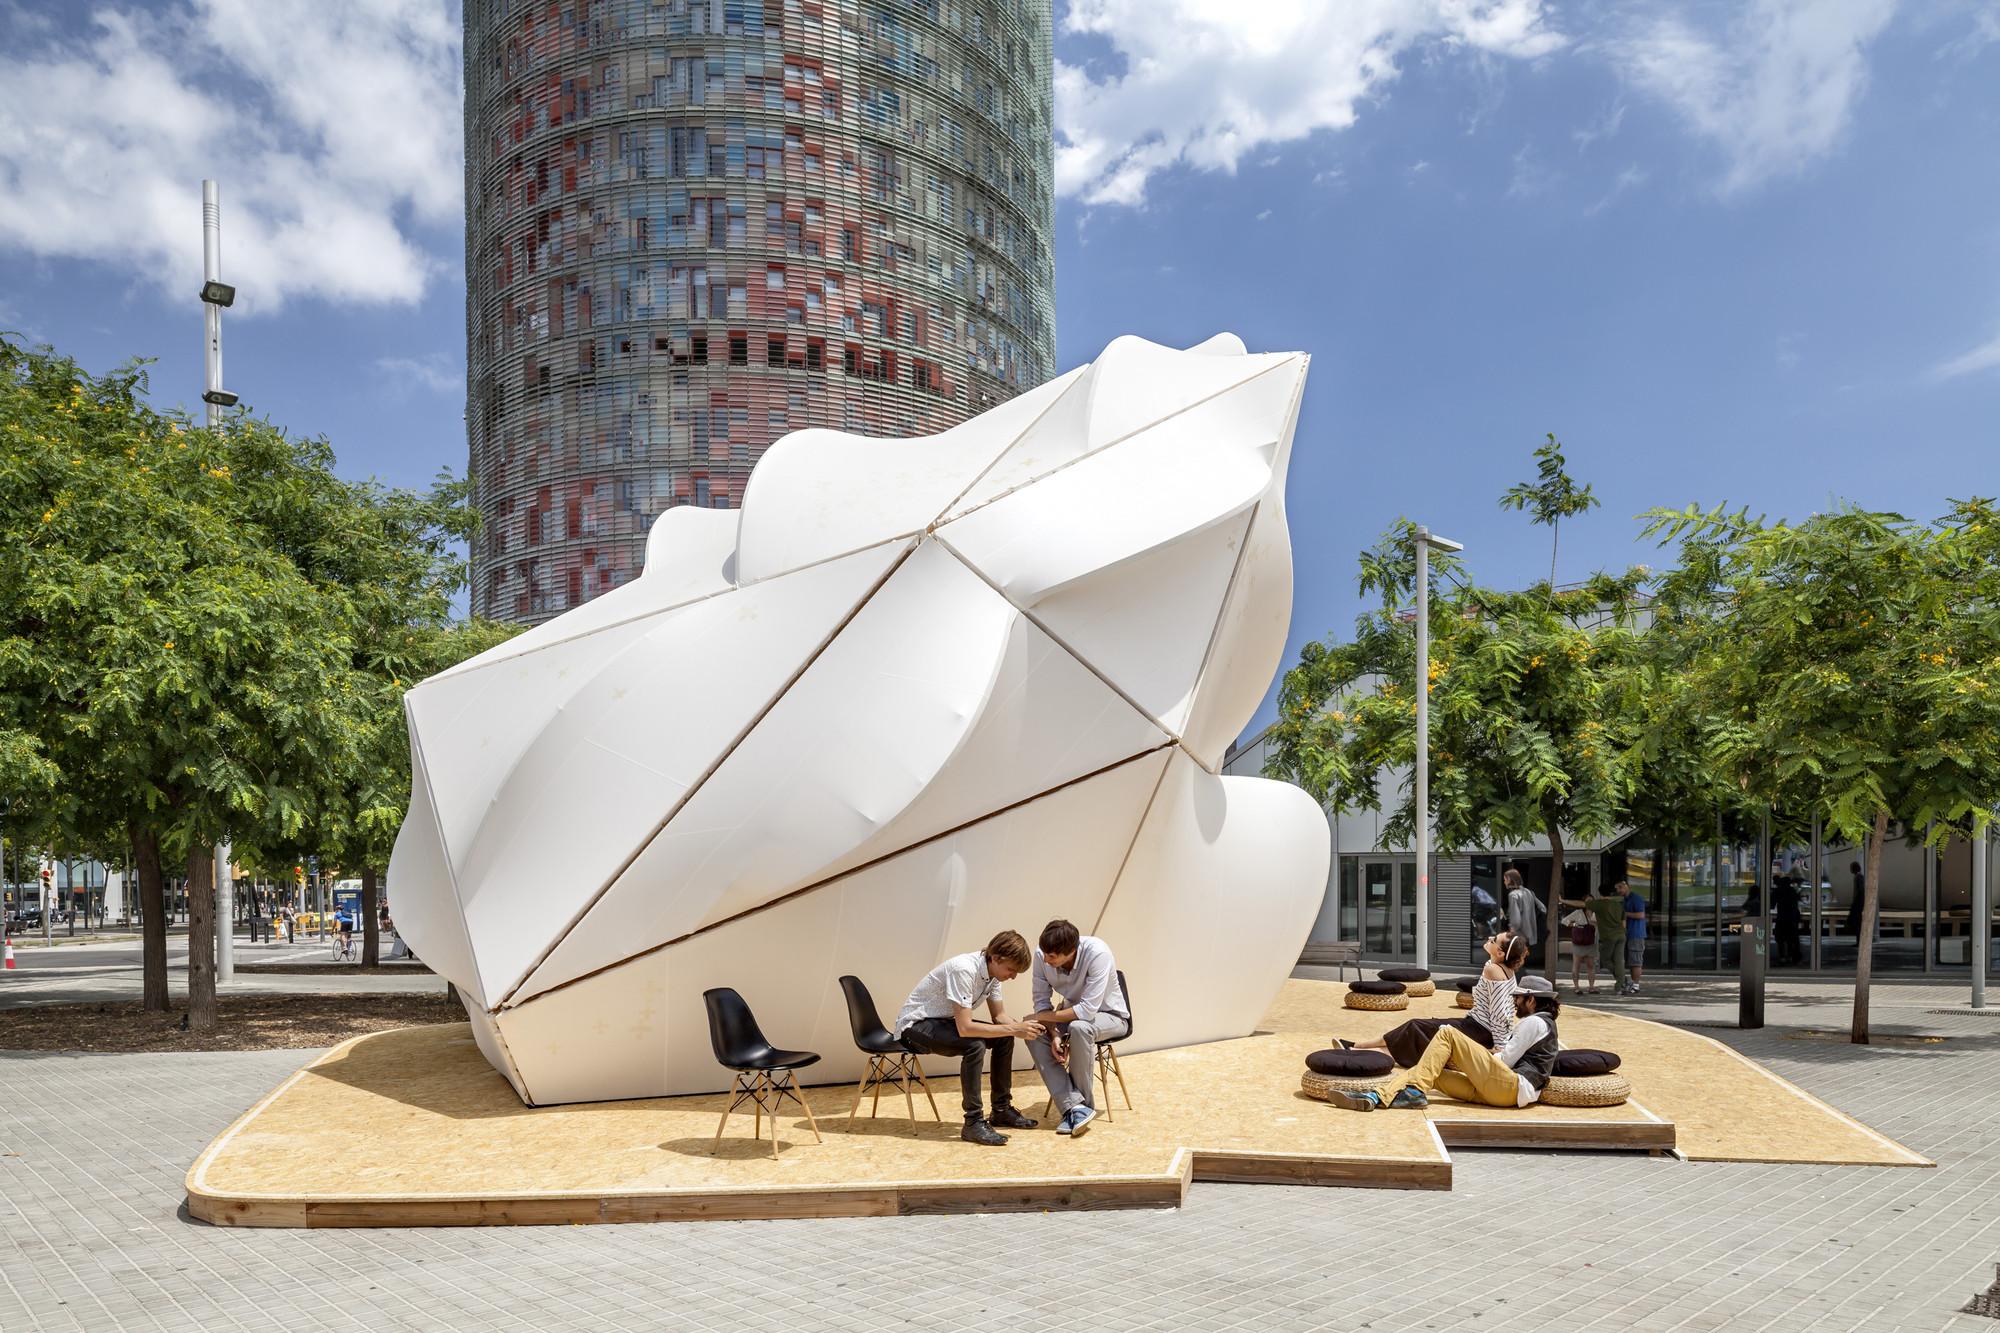 طراحی سازه پارامتریک در منظر شهری بارسلونا